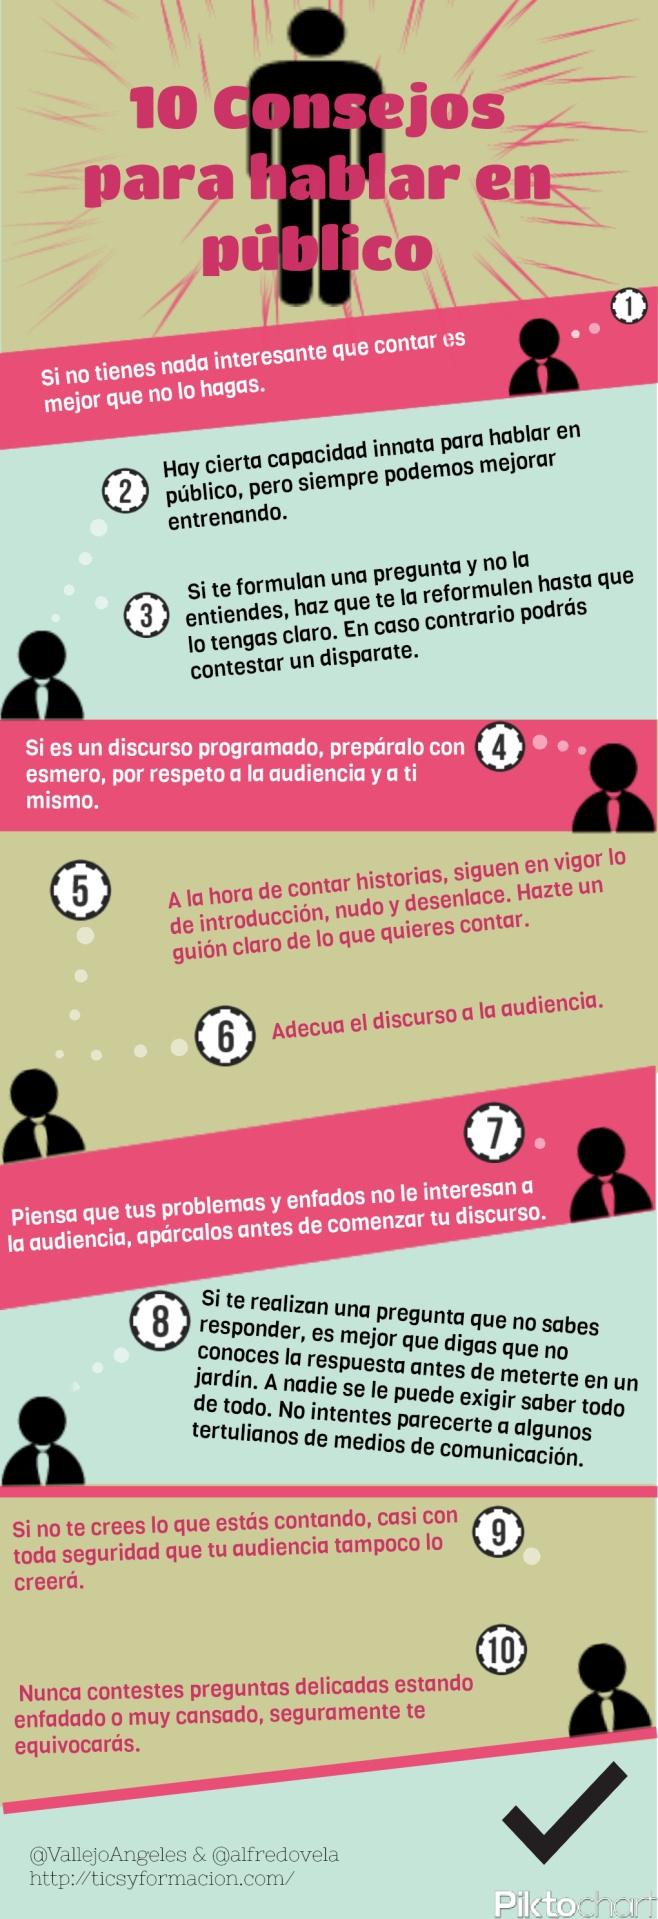 10 consejos para Hablar en Público...#infografia....  (pinned by @jagtomas #ixu)